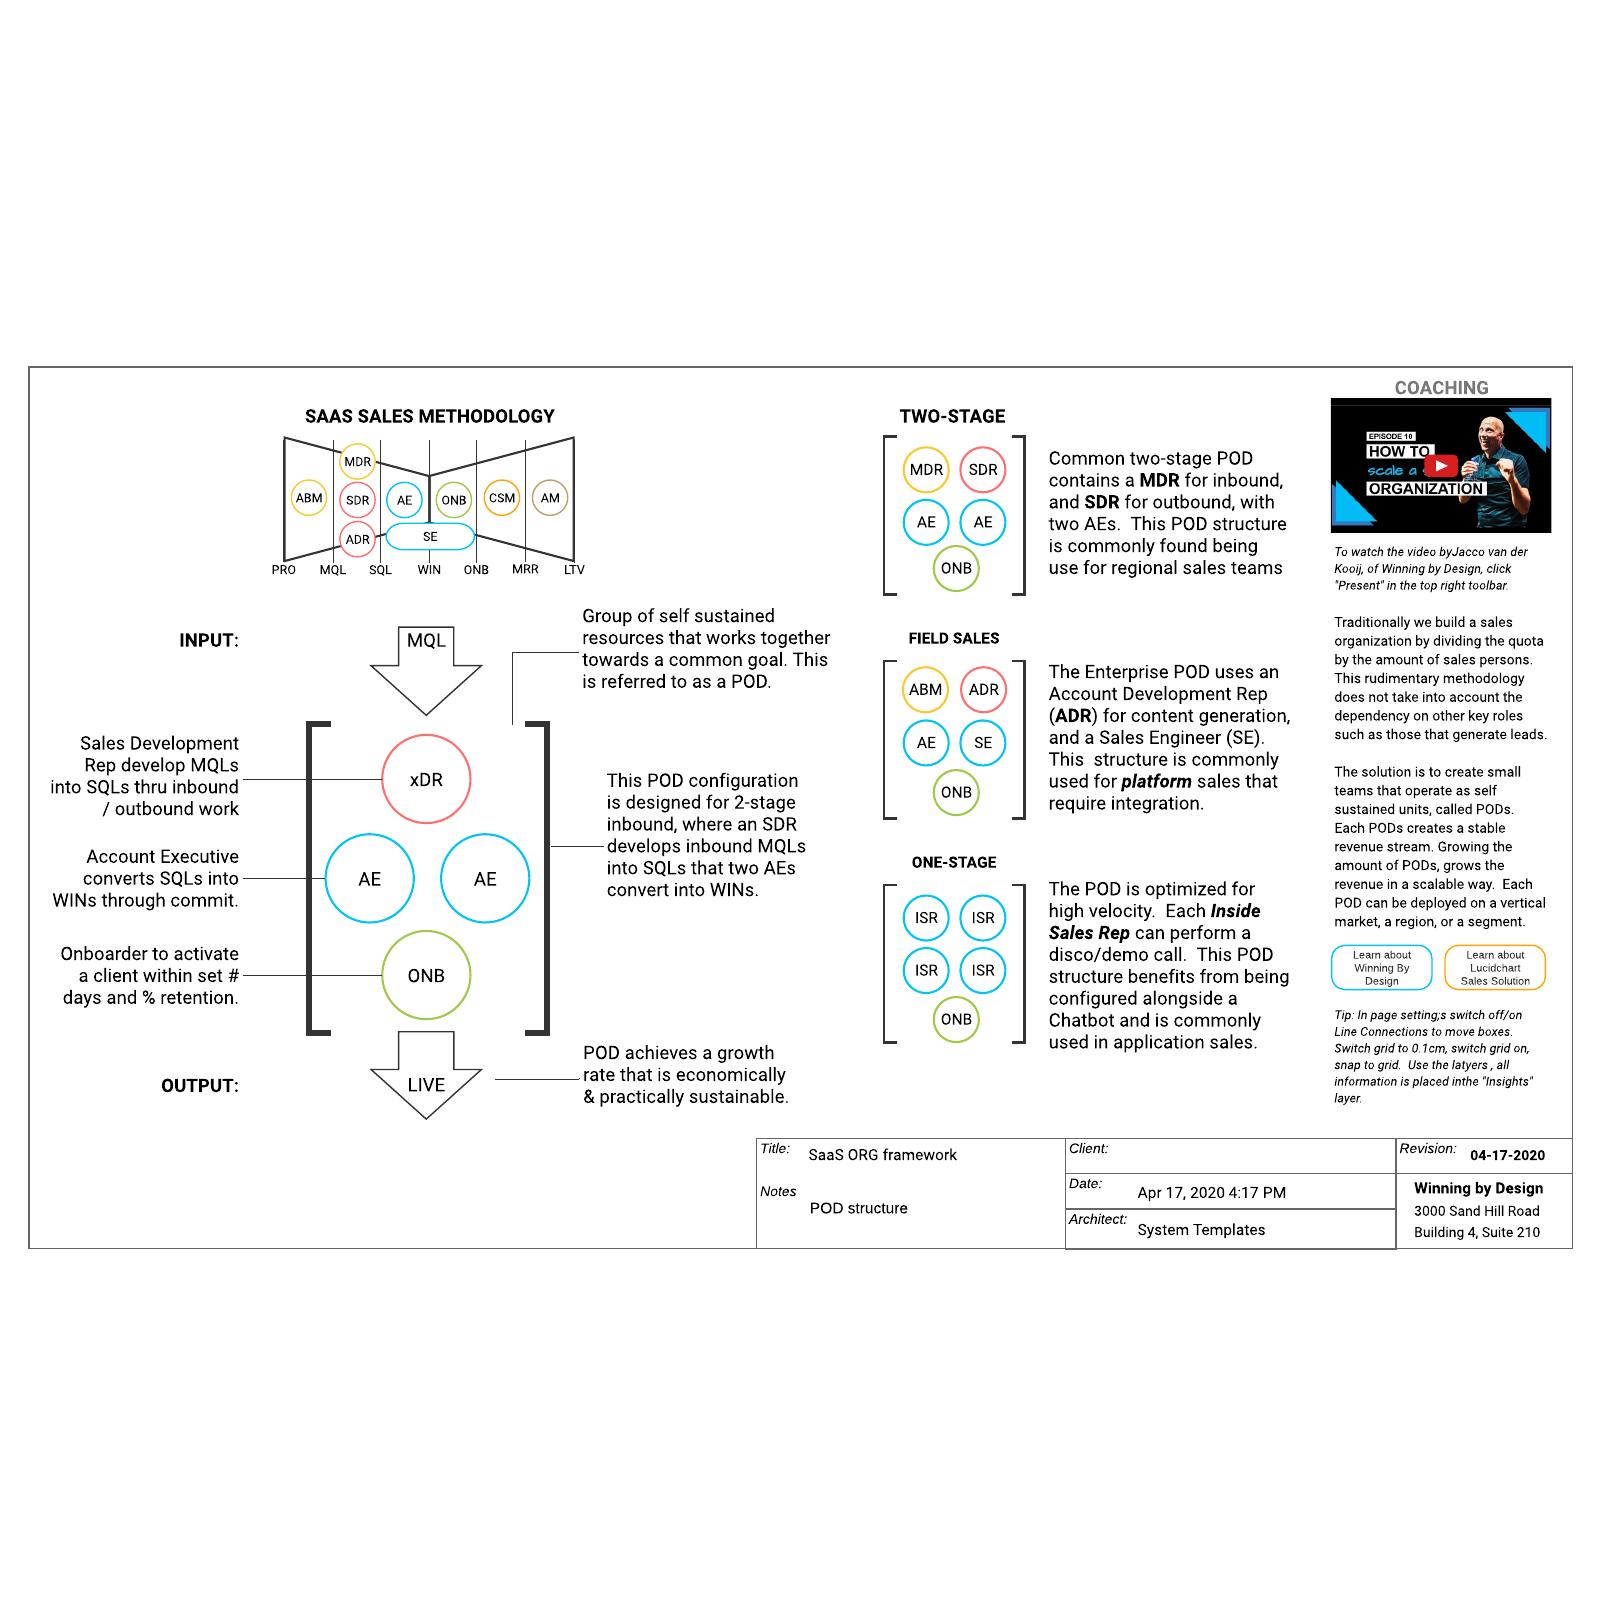 SaaS org framework